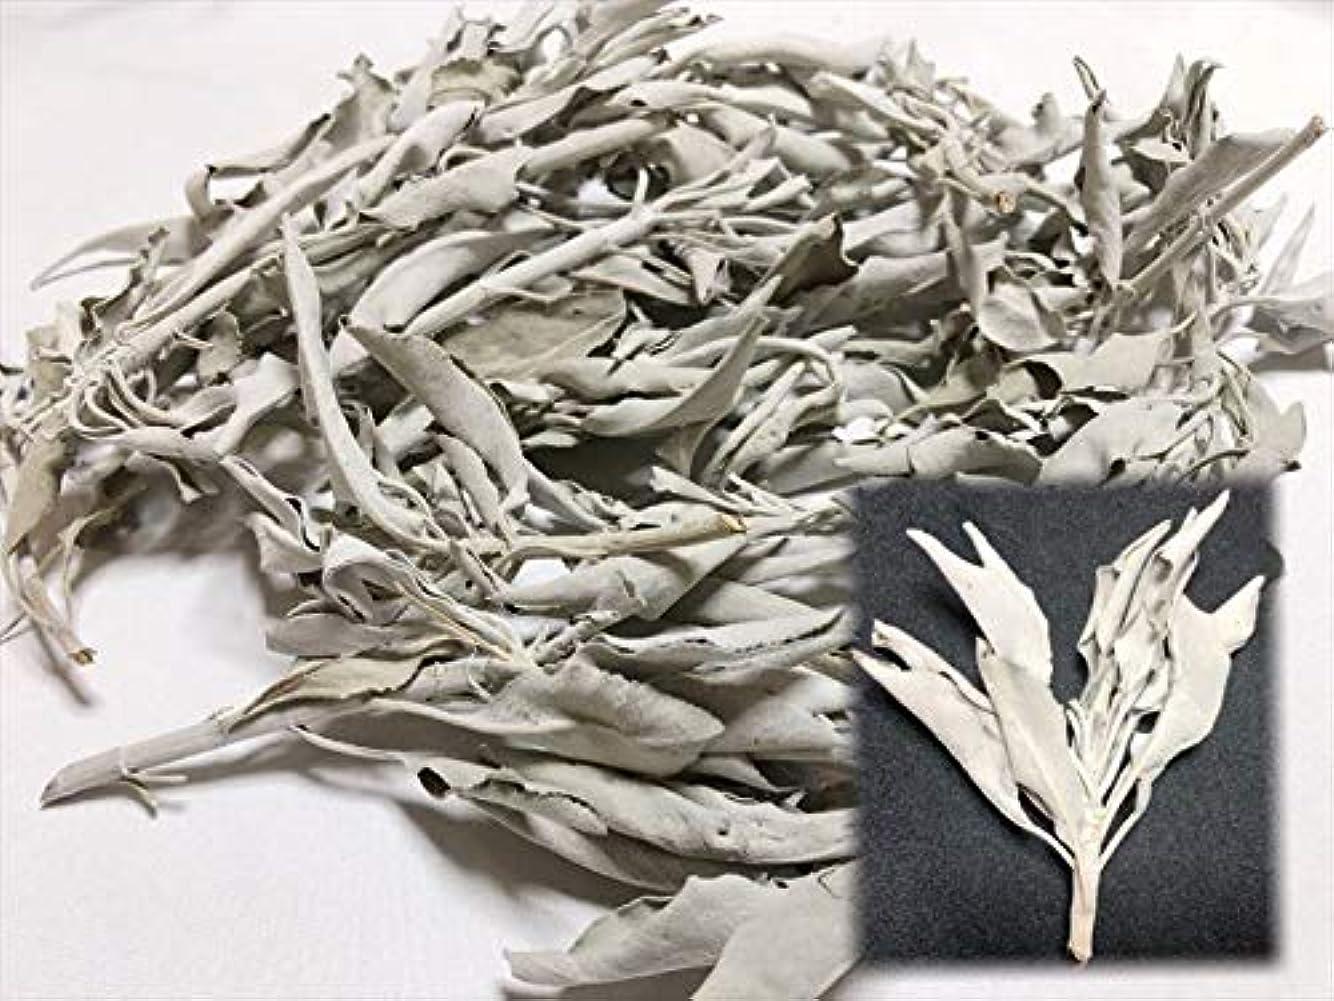 言語学ランタンペチュランスホワイトセージ 30g 有機栽培 浄化 枝付き 完全密封 乾燥剤入り カリフォルニア産 お香 スピリチュア